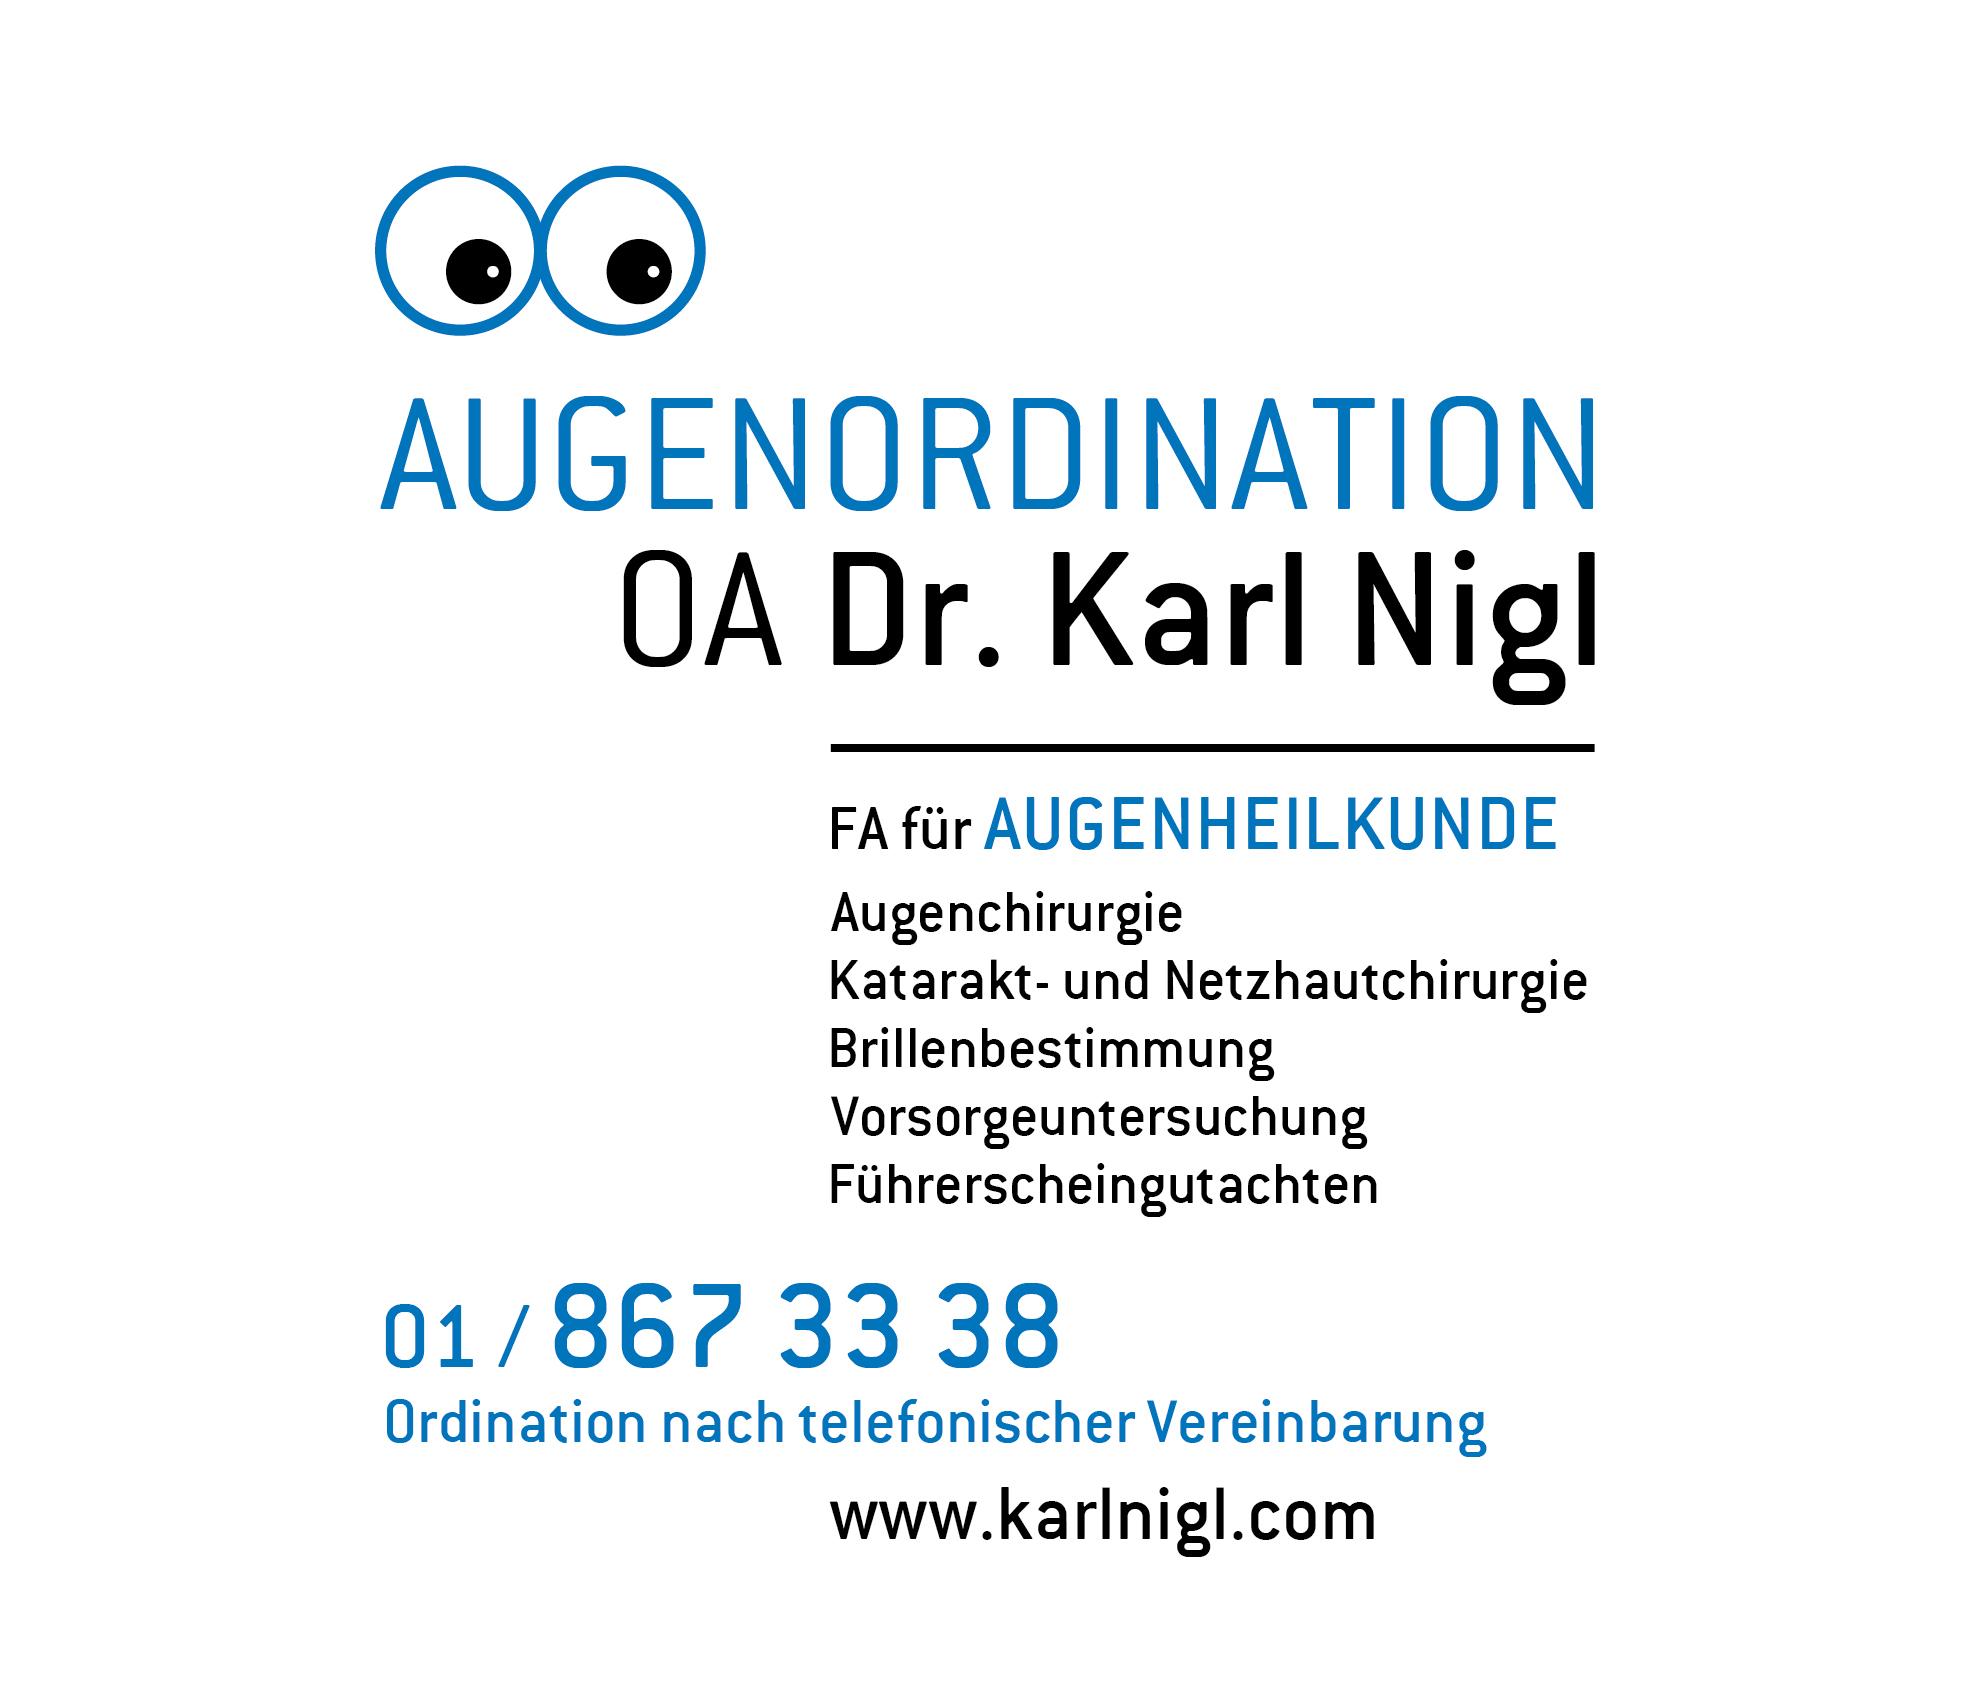 NIGL KARL AUGENORDINATION_70x60_augen-bl